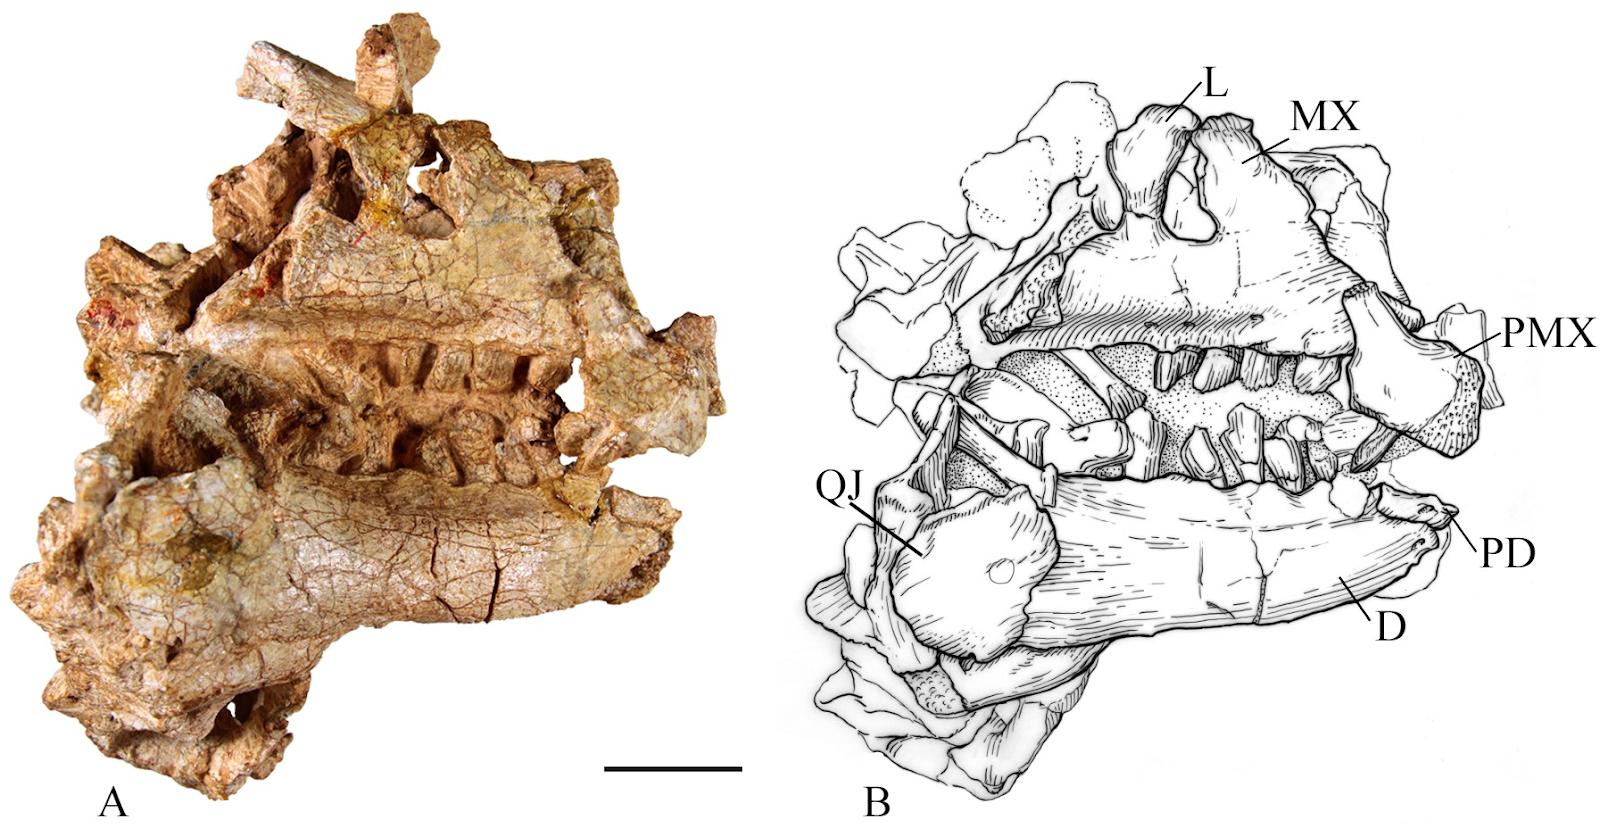 [Image: Convolosaurus_marri-novataxa_2019-Andrze...obs-vi.PNG]